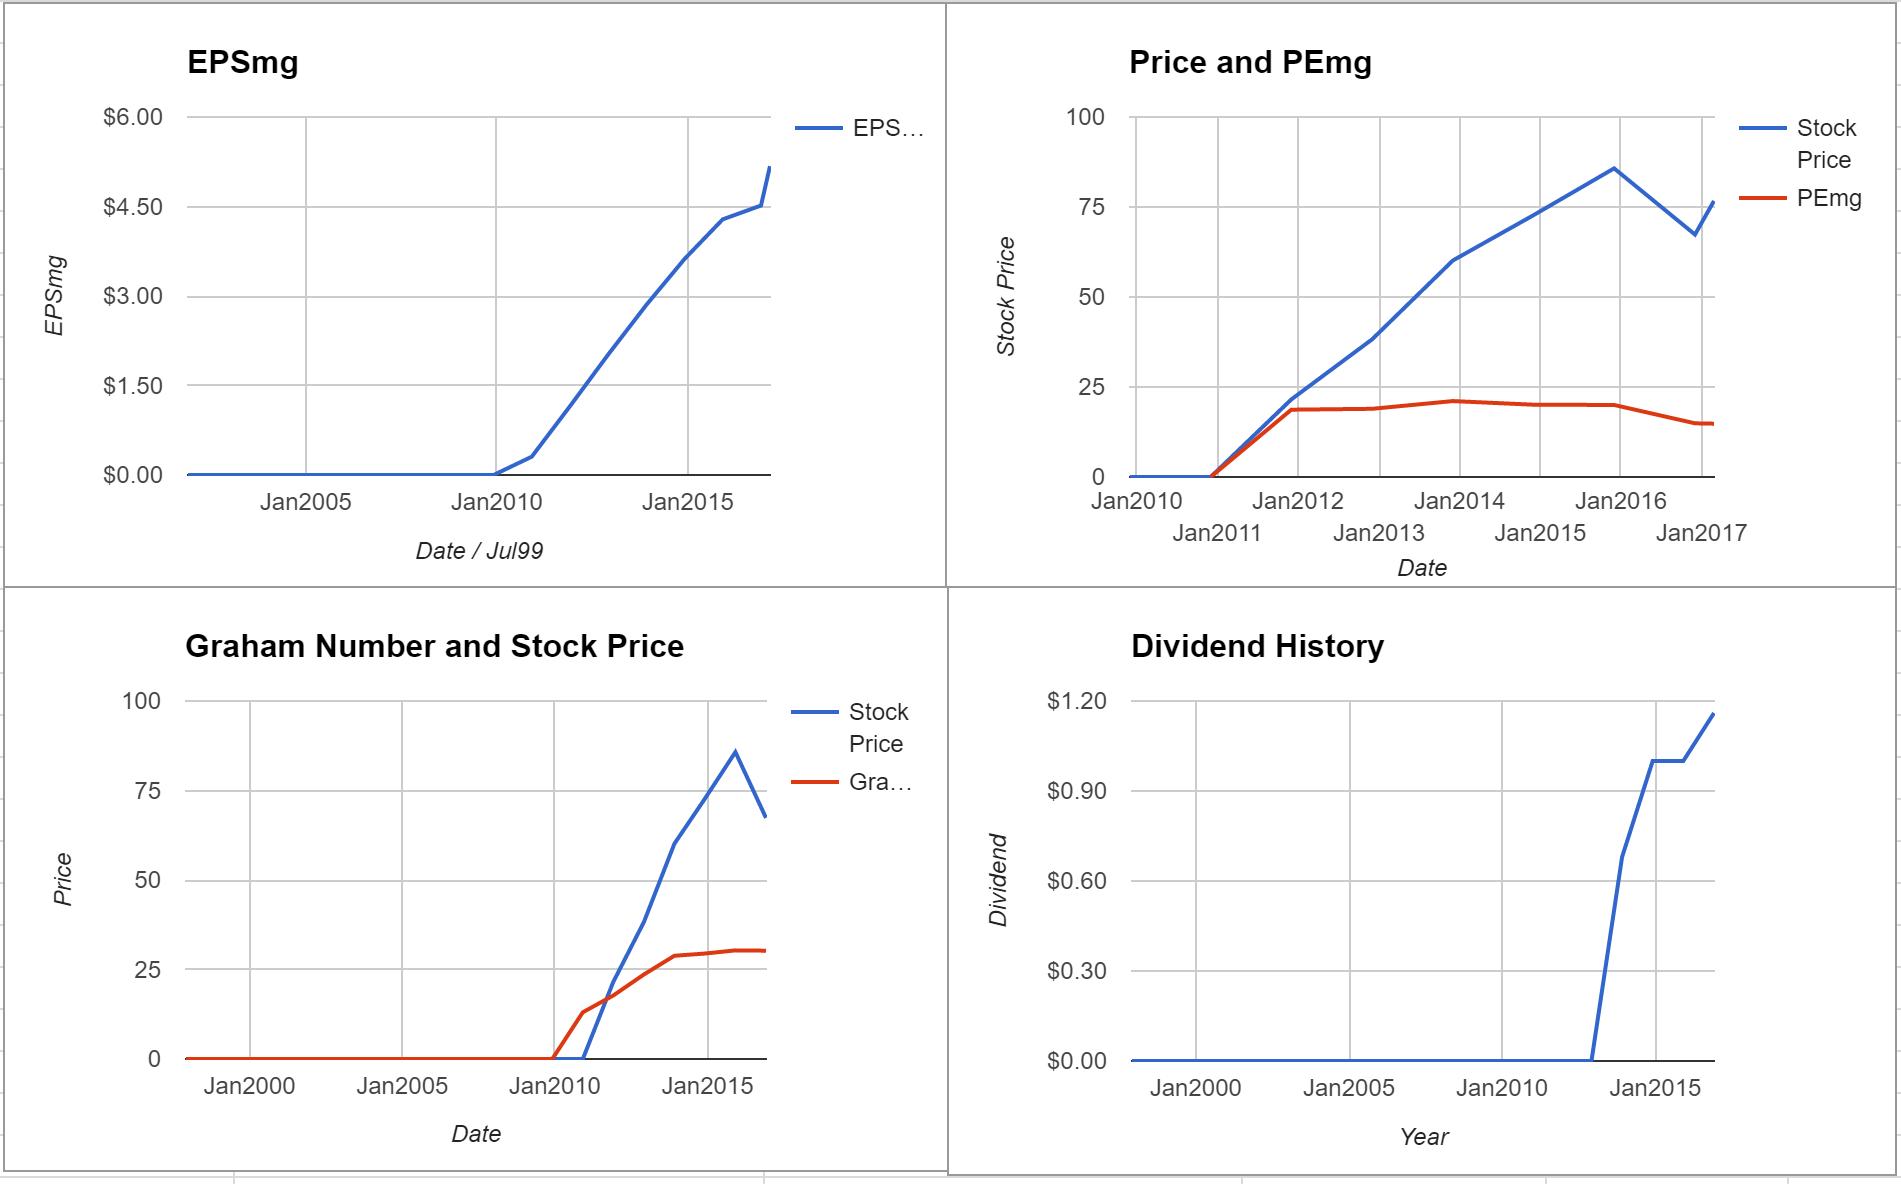 Delphi Automotive PLC Valuation – February 2017 $DLPH